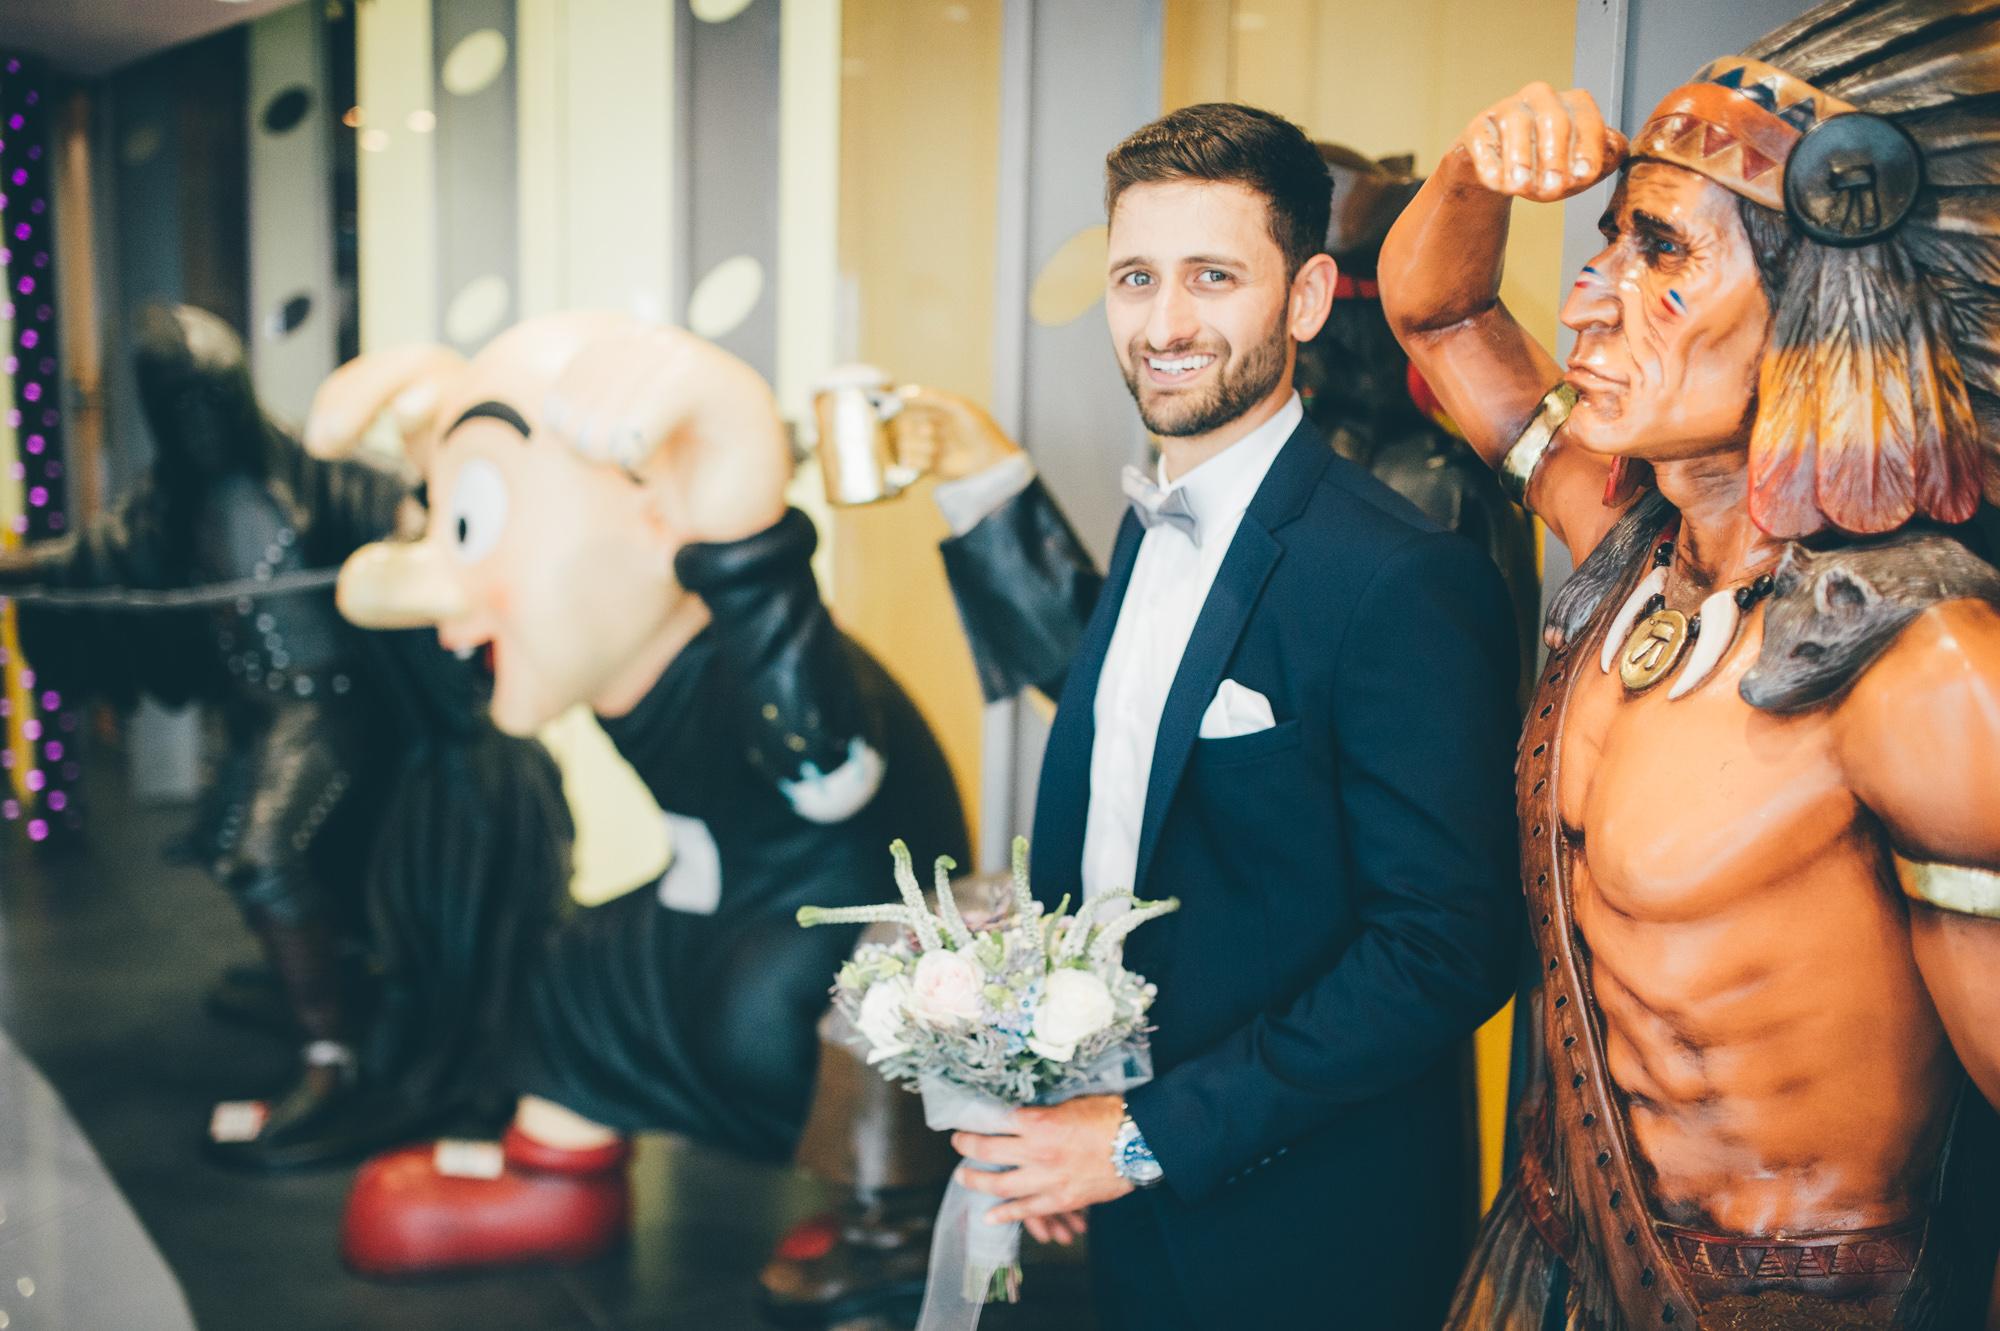 Wedding photos by - Asaf Kliger-32.jpg